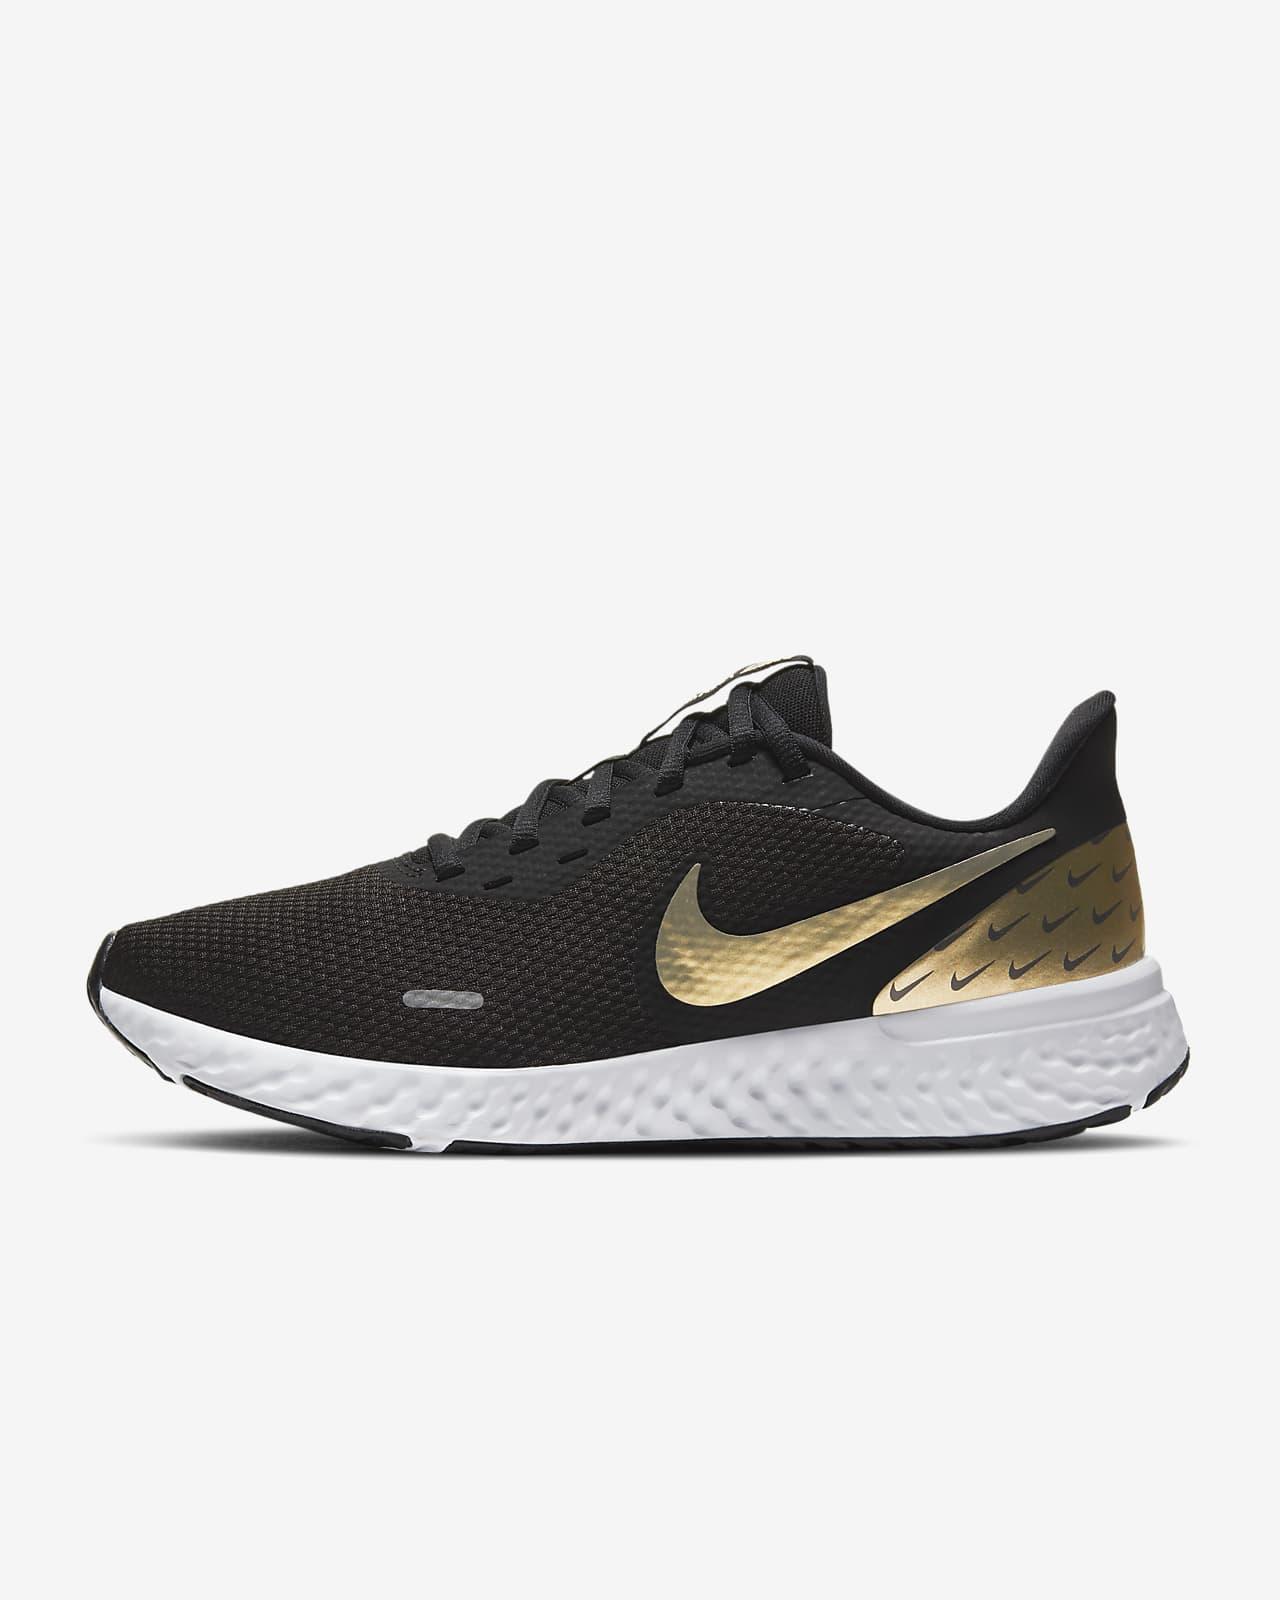 Nike Revolution 5 Premium Women's Running Shoe